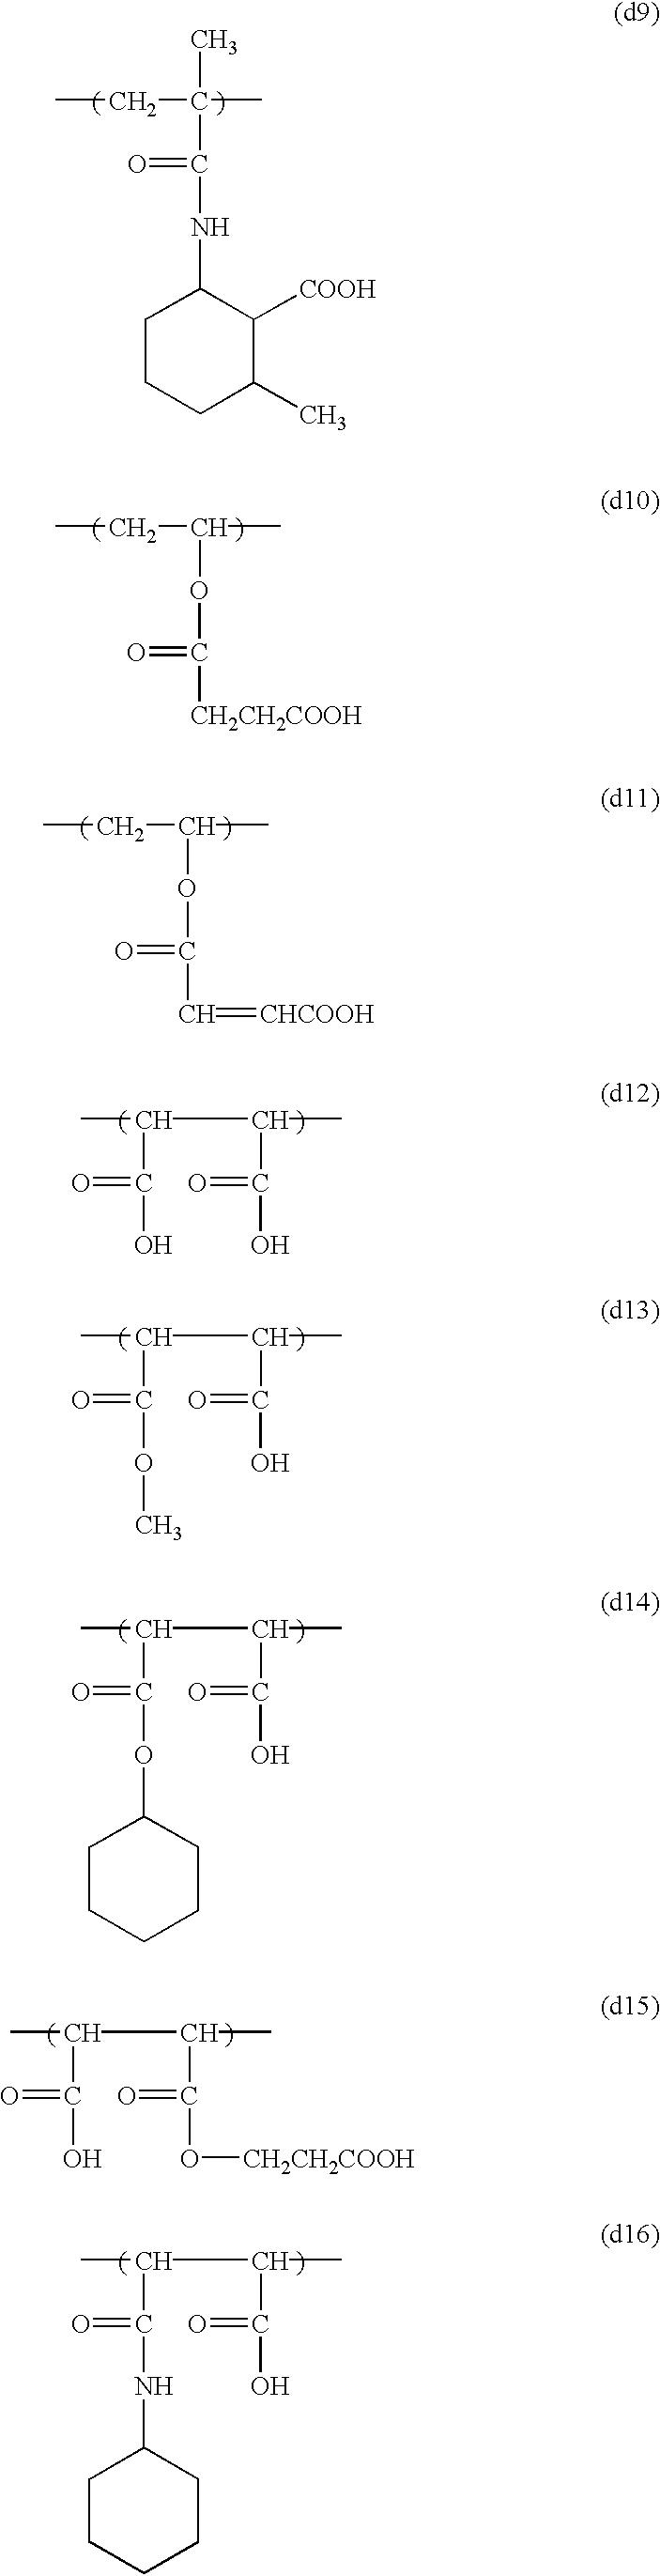 Figure US06492091-20021210-C00067